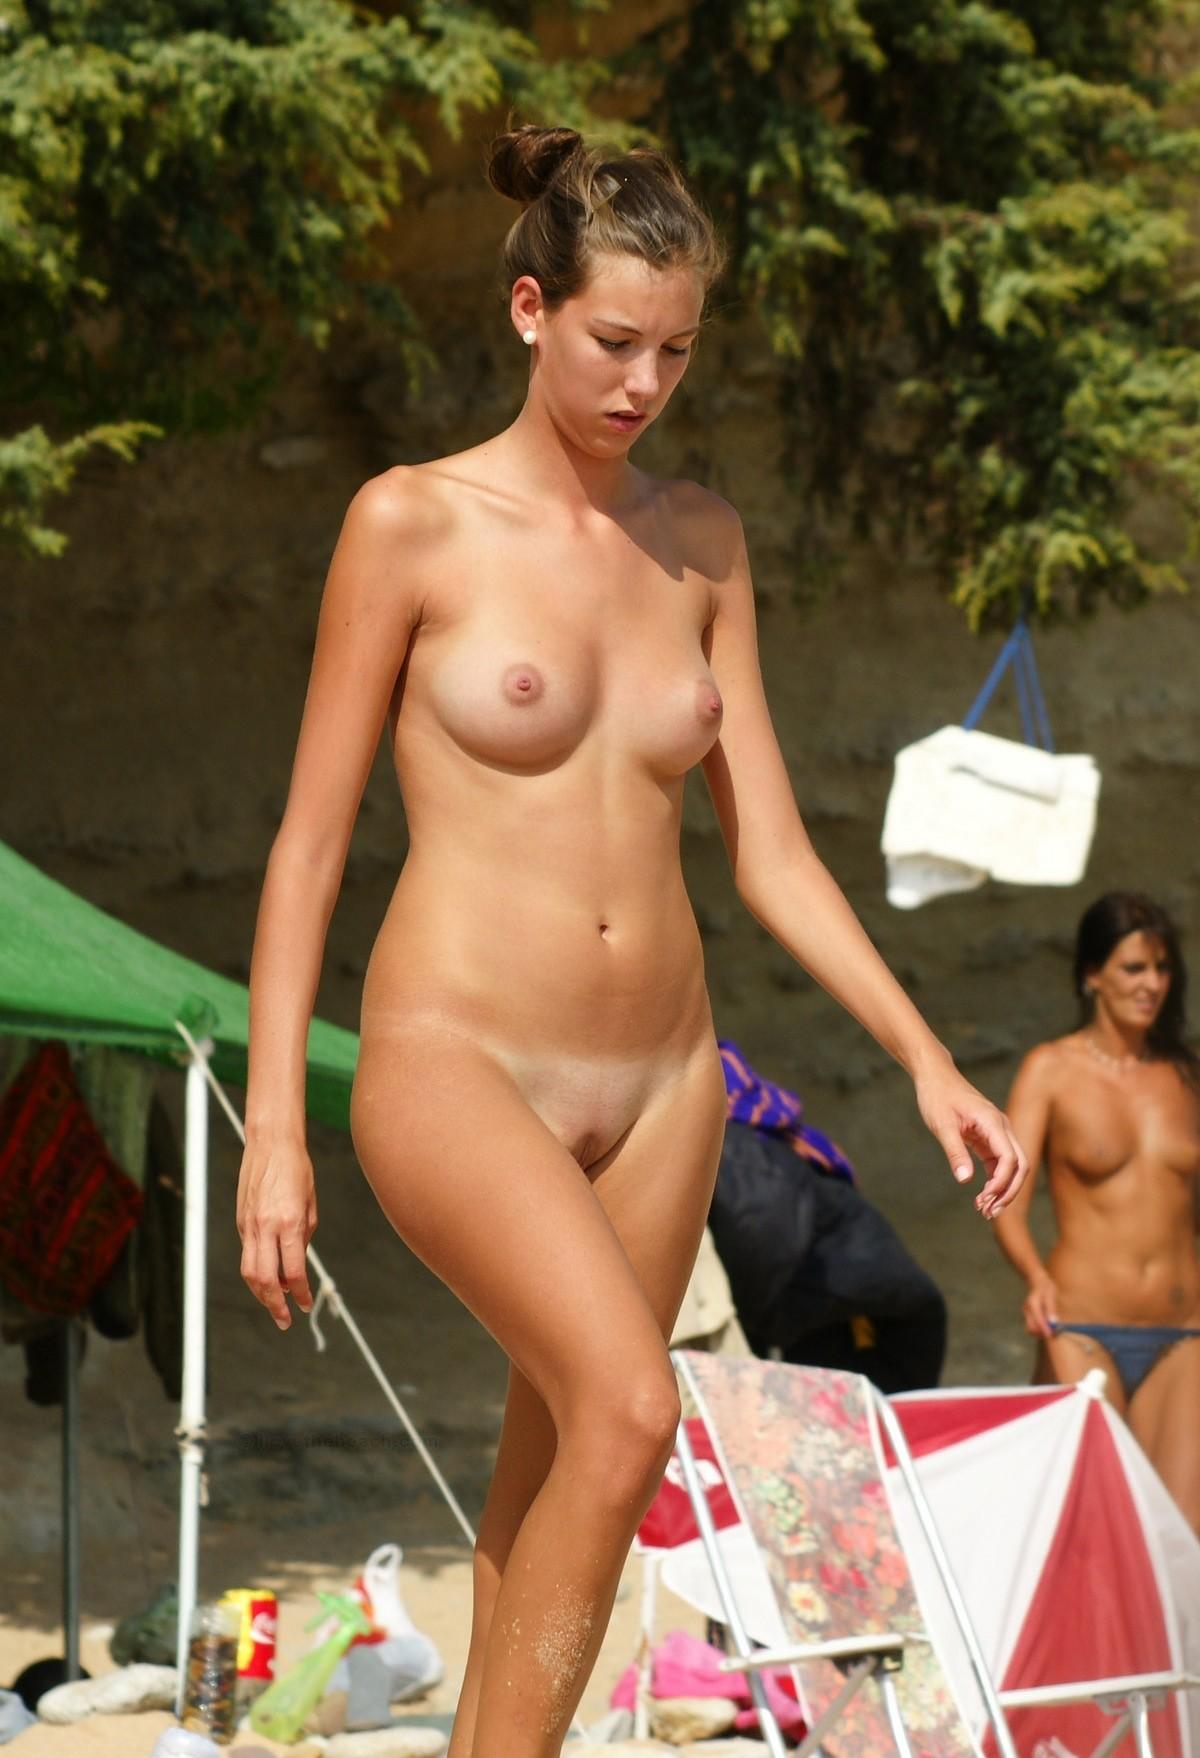 Anya candid nude